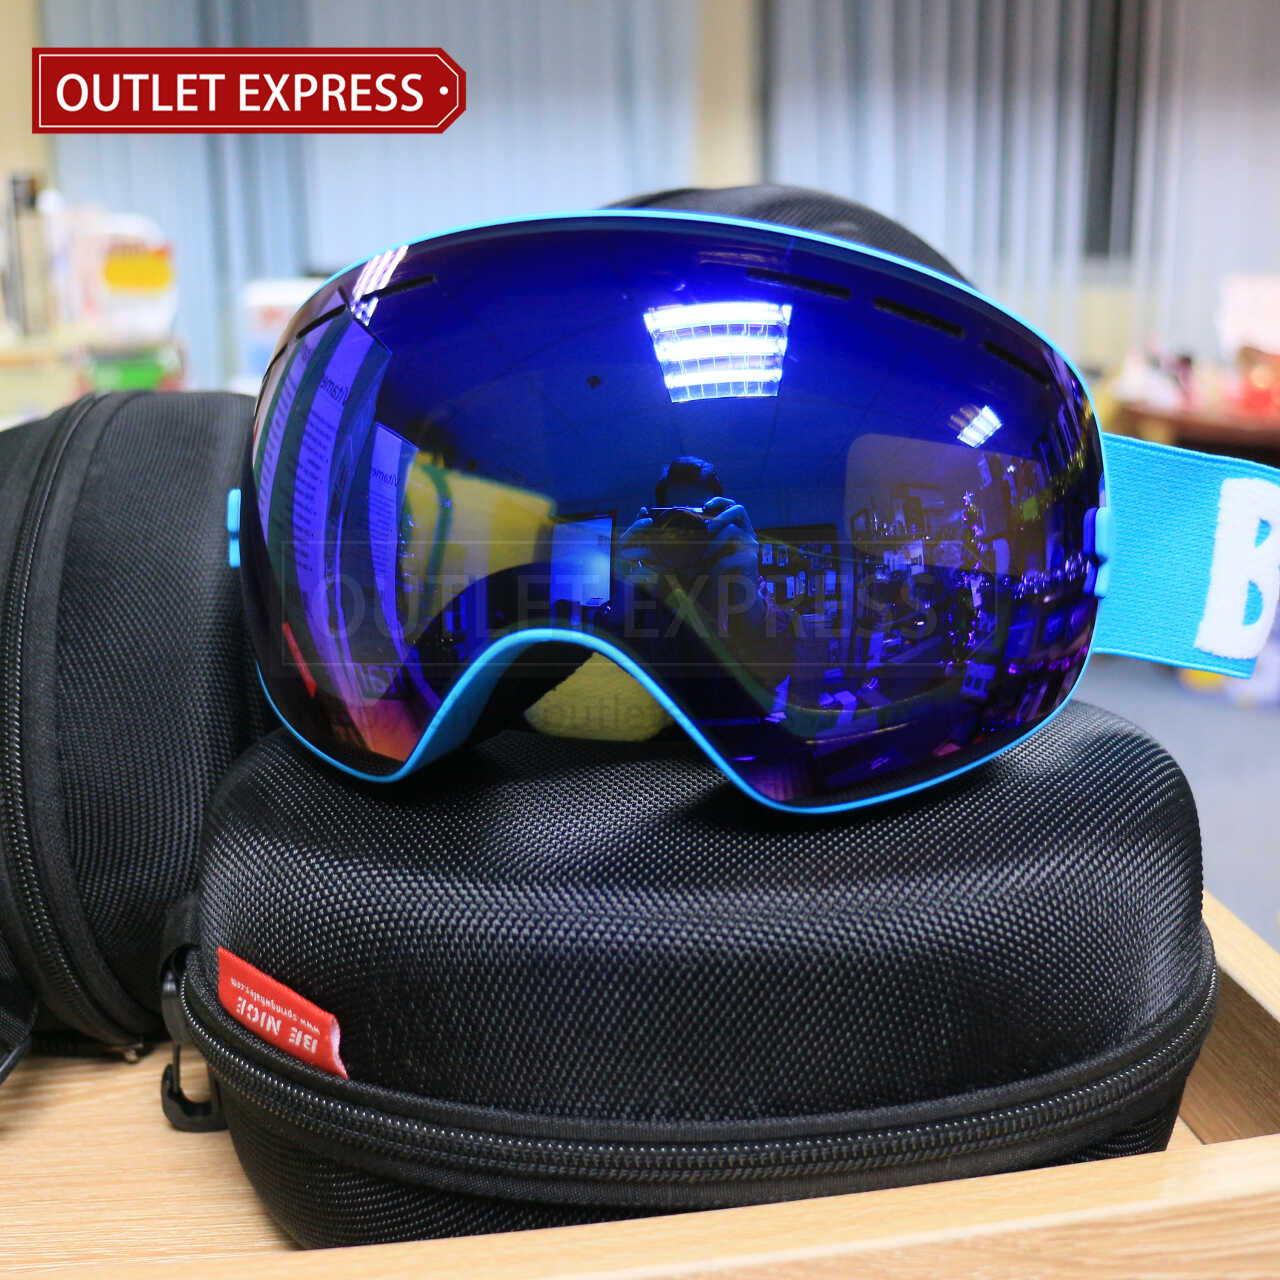 BENICE 大球面雙層防霧滑雪鏡 | 可配合眼鏡用 藍色 -Outlet Express HK生活百貨城實拍相片